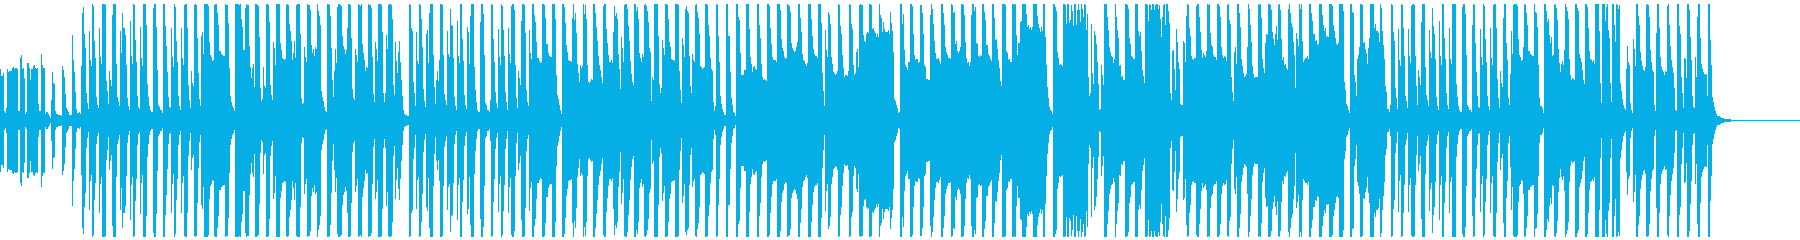 ほのぼのかわいい!リコーダーBGMの再生済みの波形